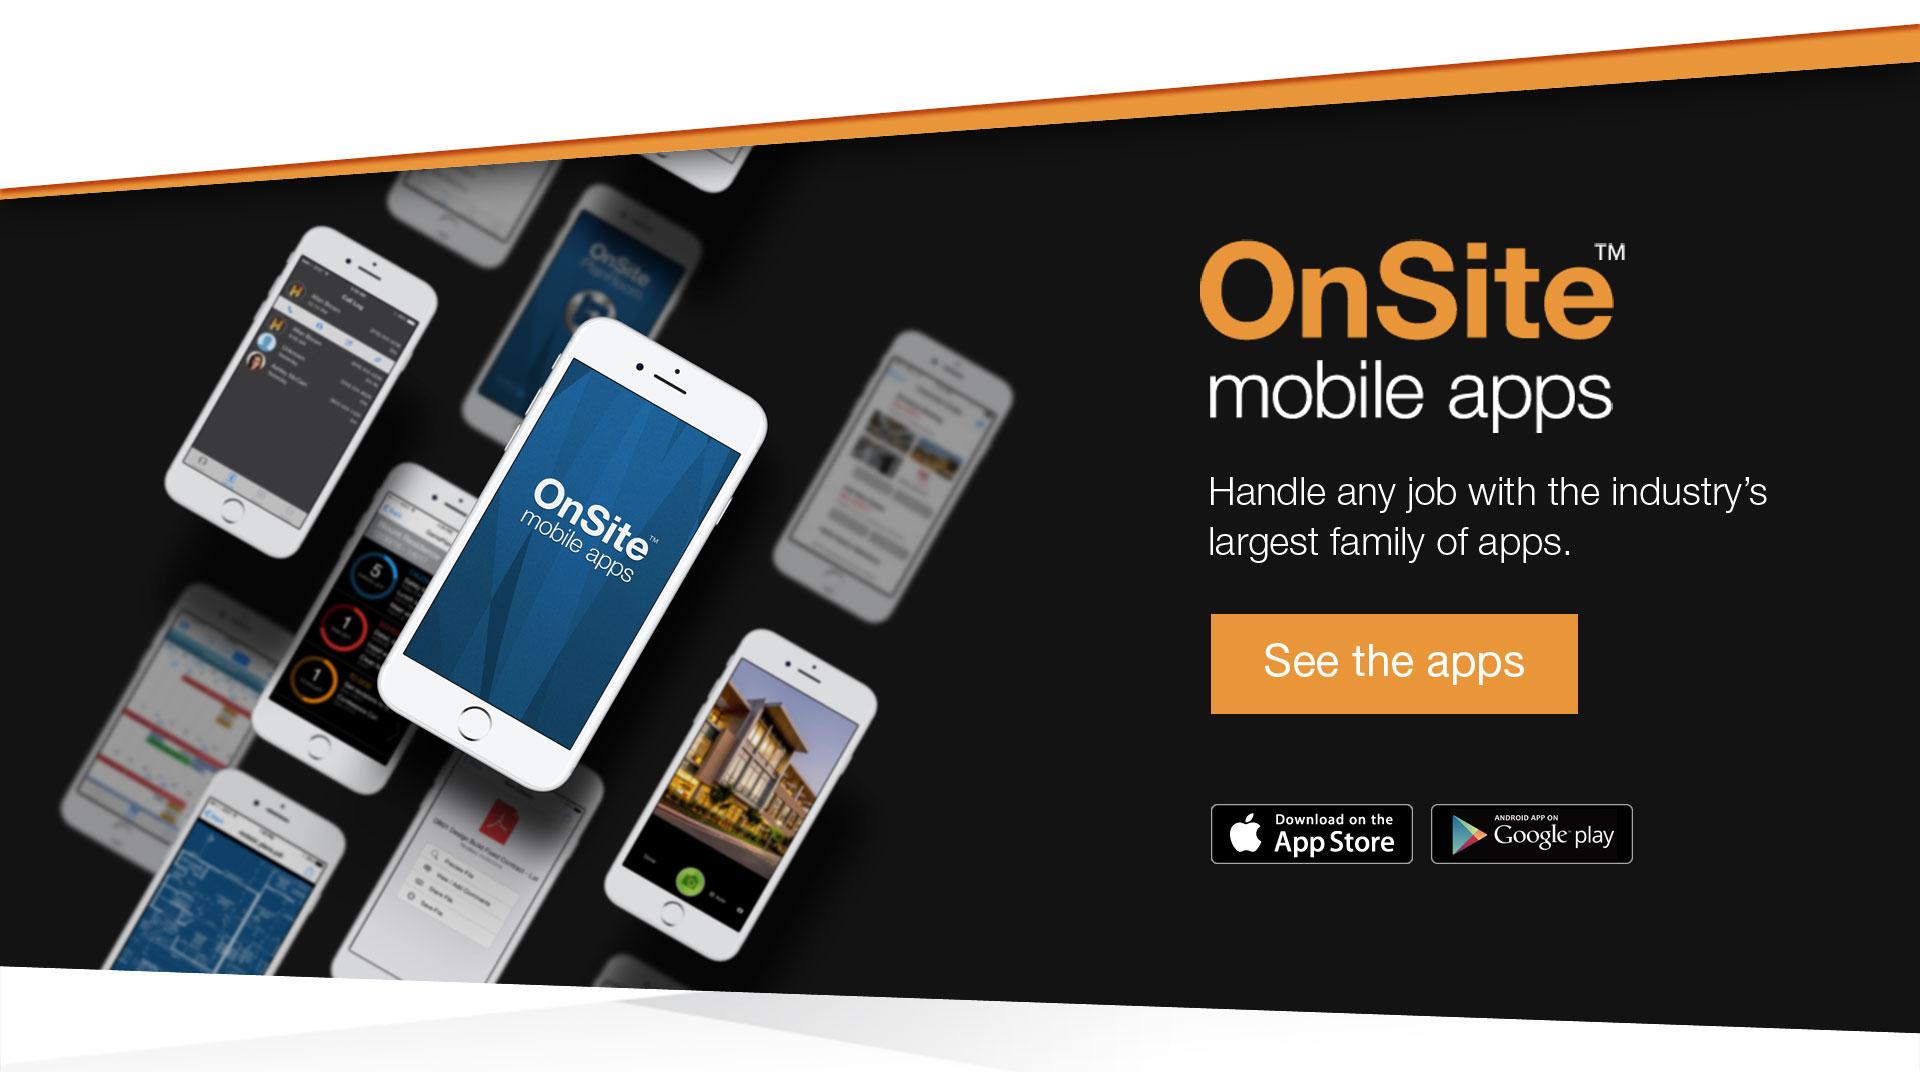 onsite_apps_image.jpg